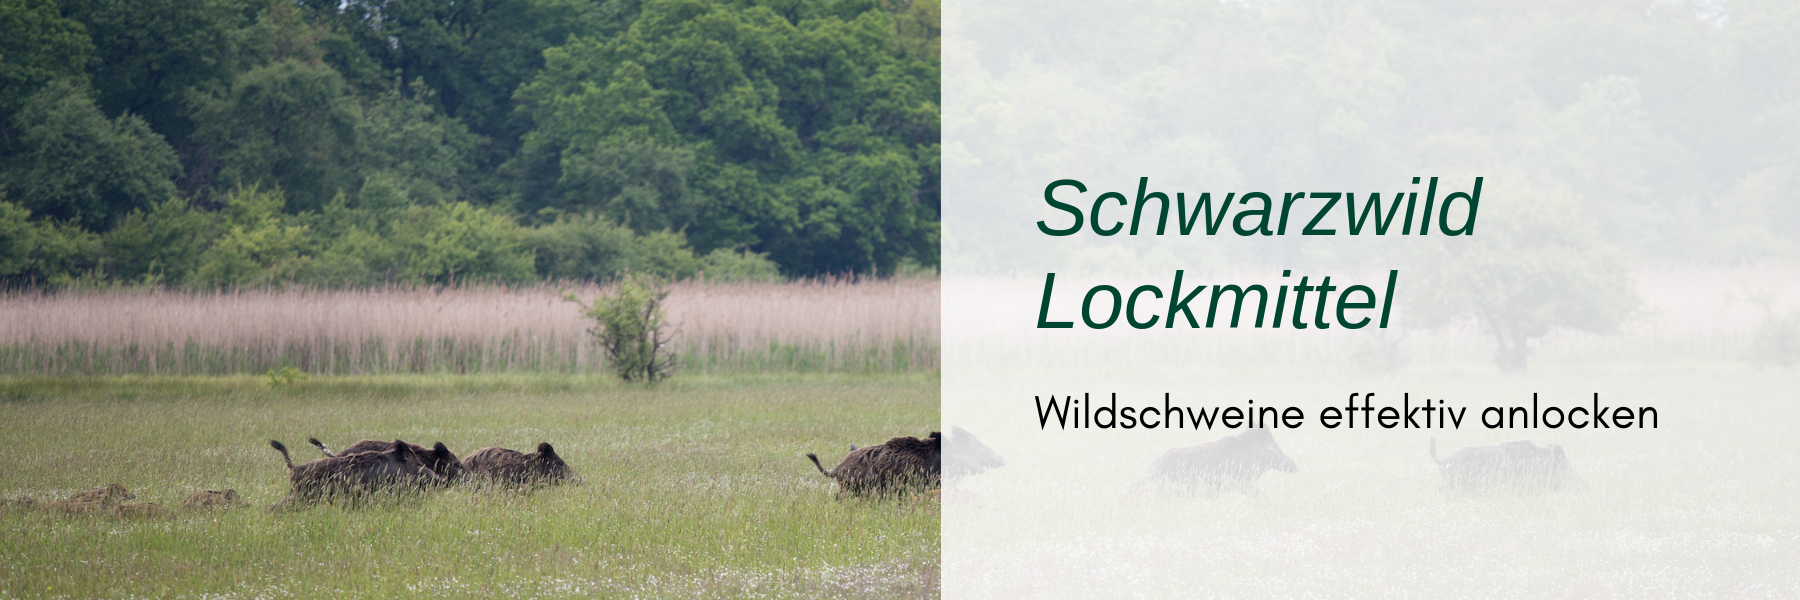 Schwarzmittel Lockjagd - Wie man Wildschweine effektiv anlockt